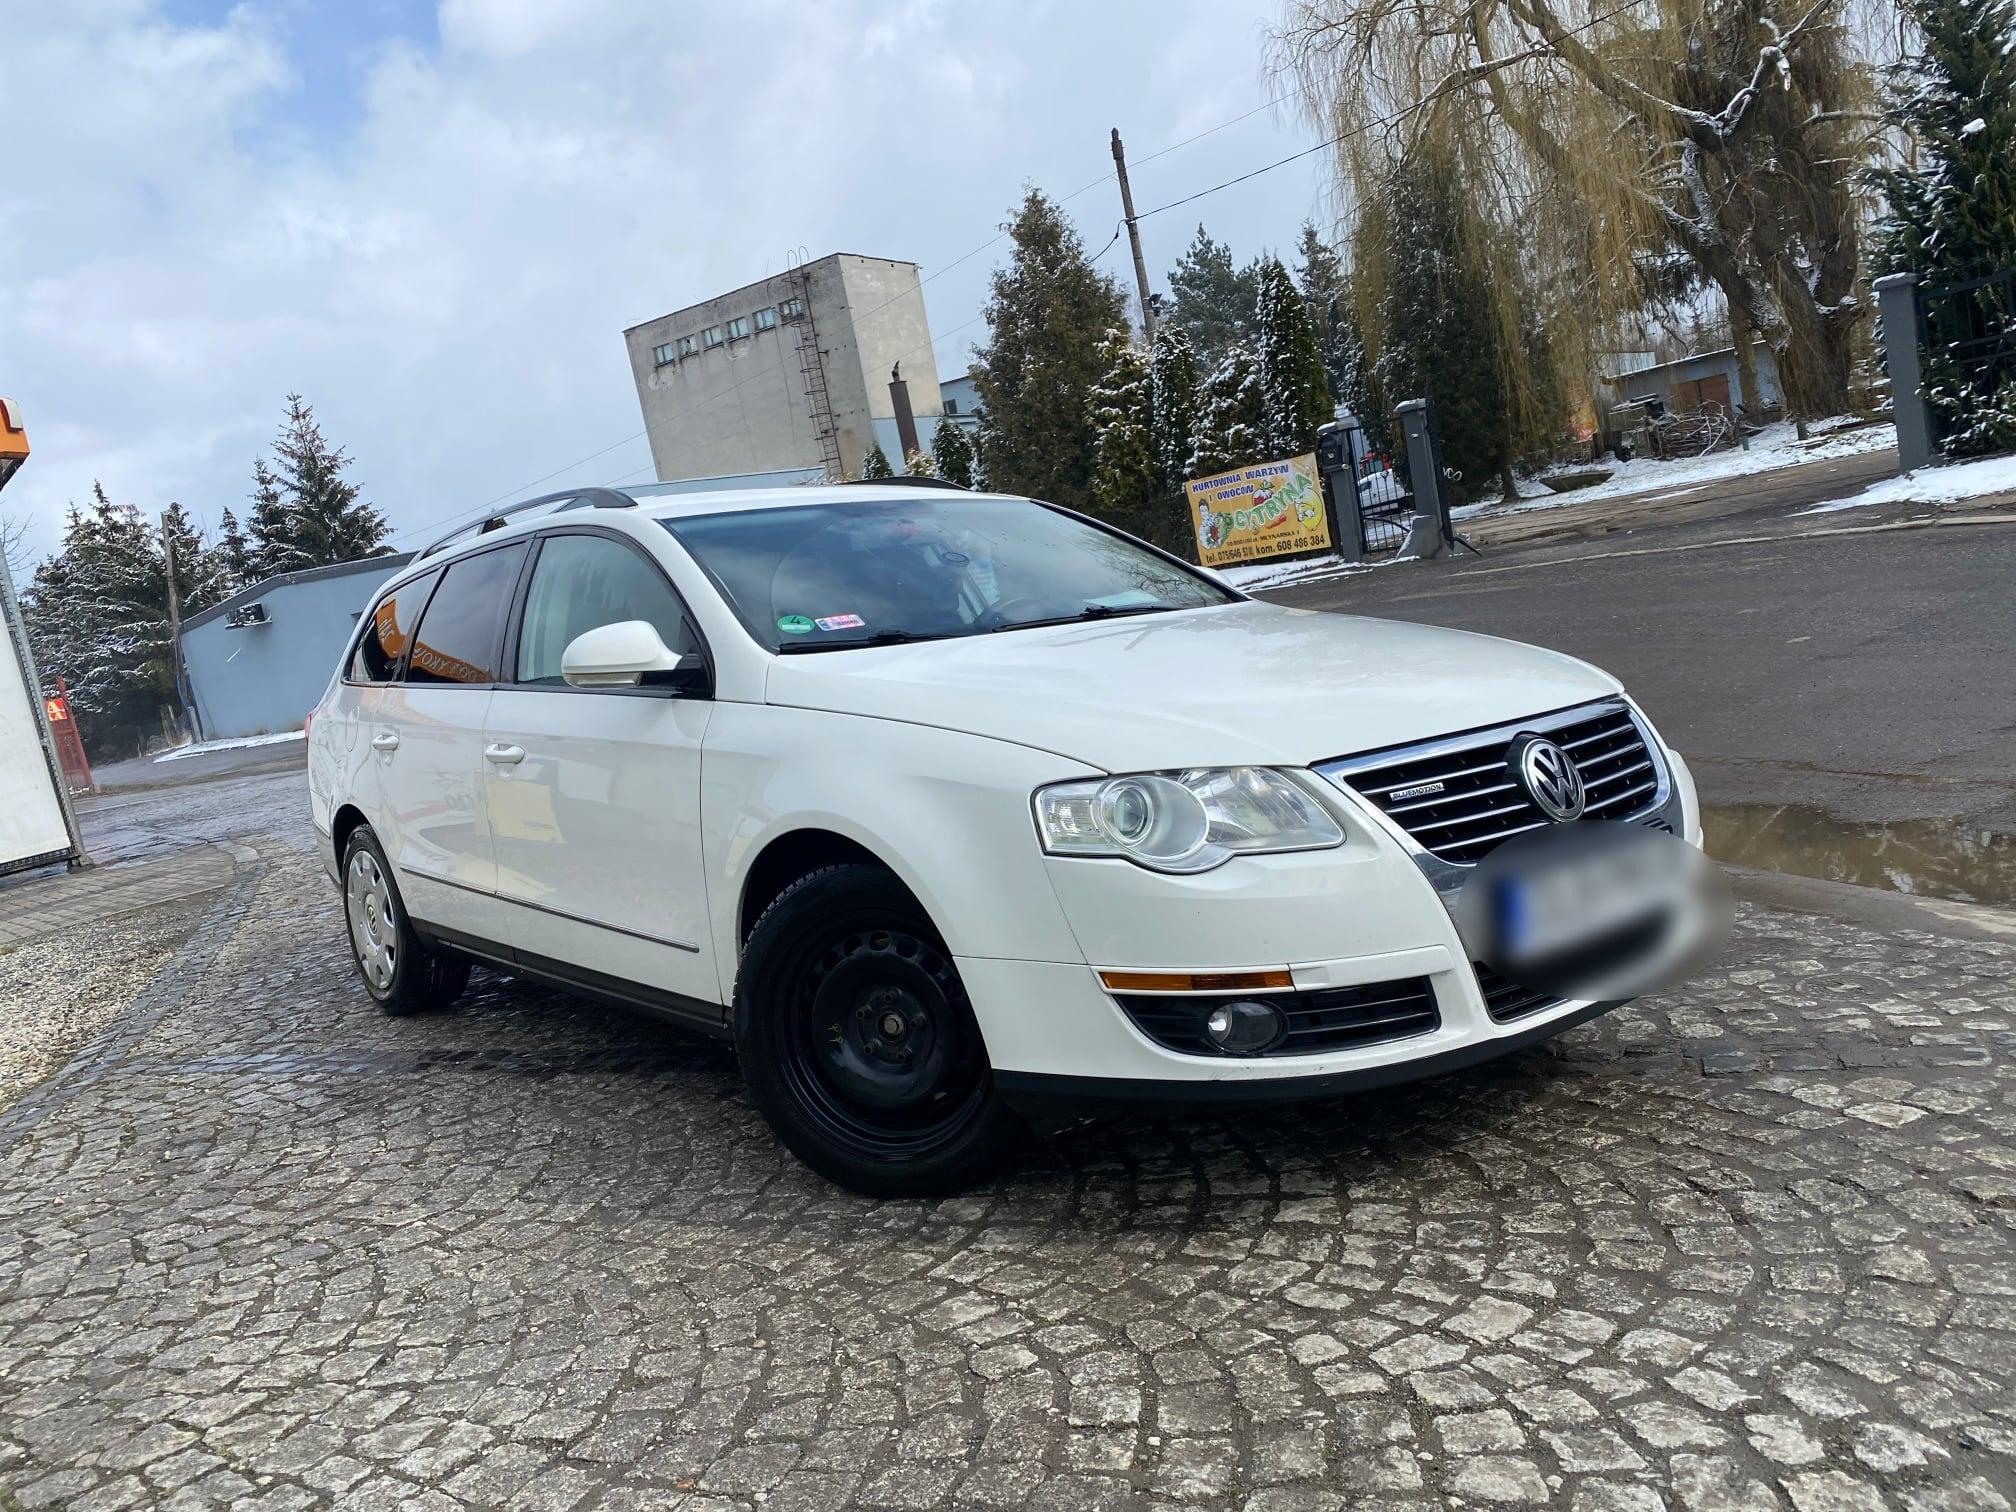 VW Passat 1.9TDI 105KM >>149KM 362Nm